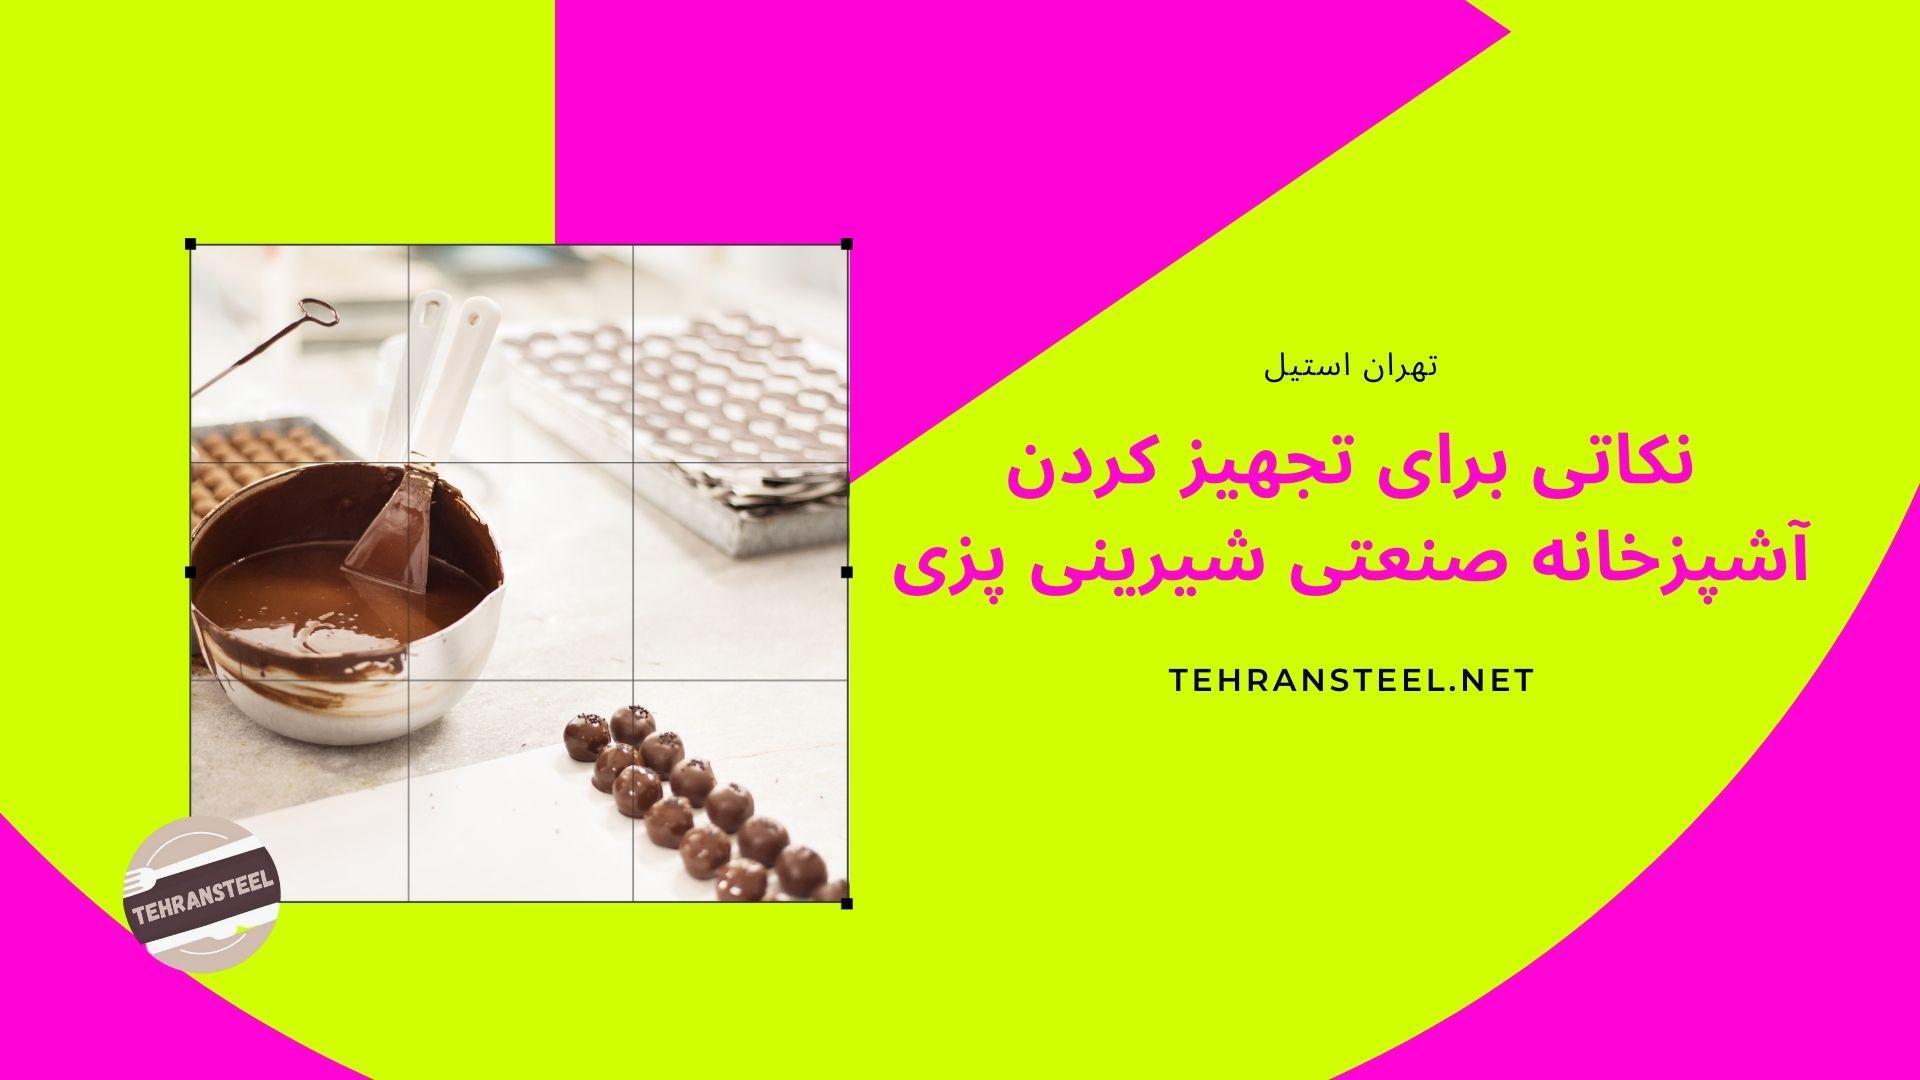 نکاتی برای تجهیز کردن آشپزخانه صنعتی شیرینی پزی